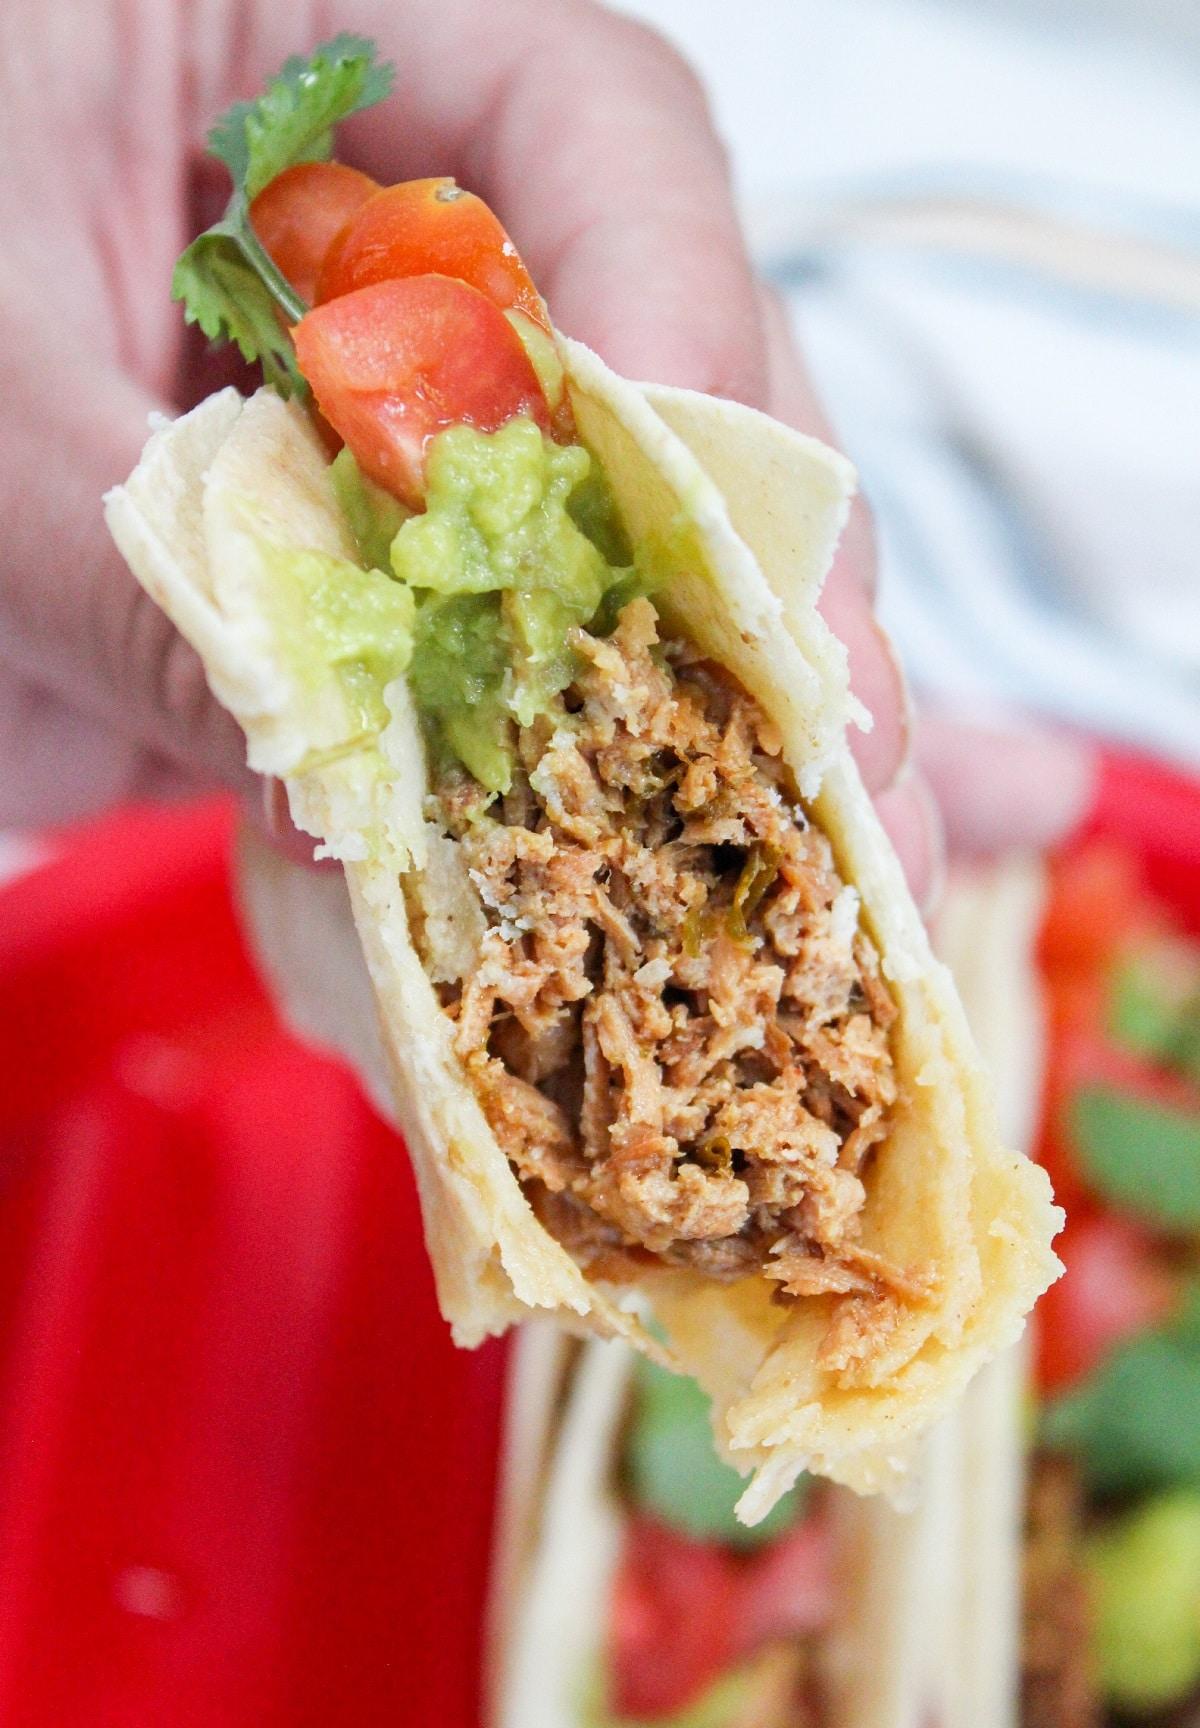 taco with bite taken